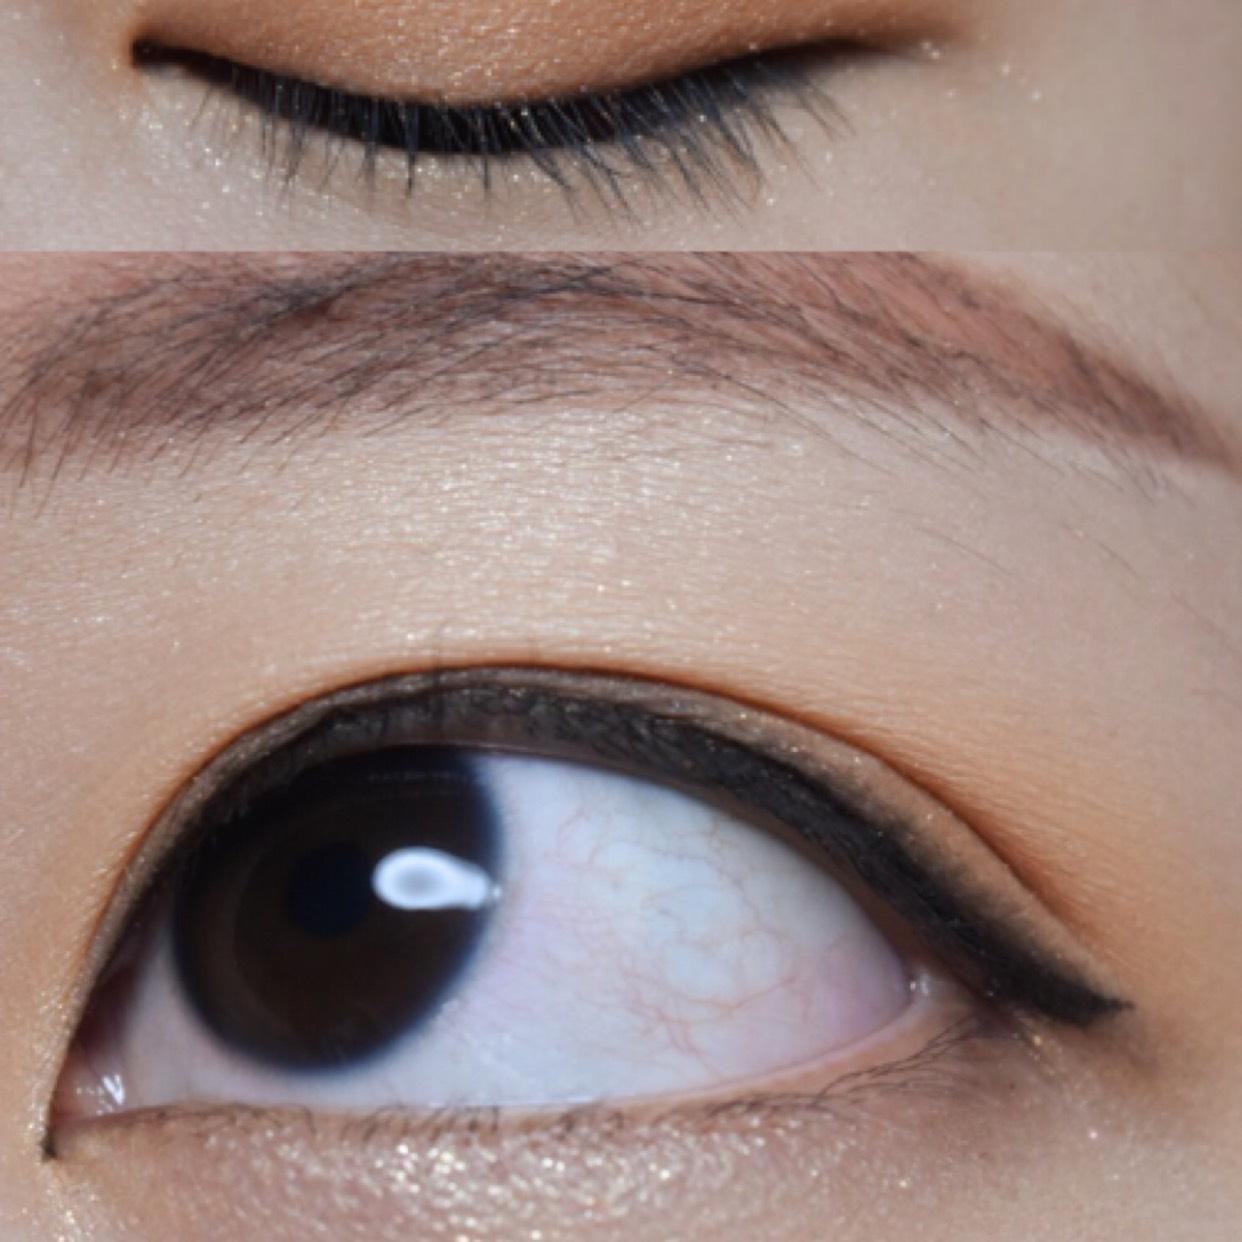 アイラインは馴染む様にナチュラルブラウンカラーで目の形に沿ってひきます 完成!!!